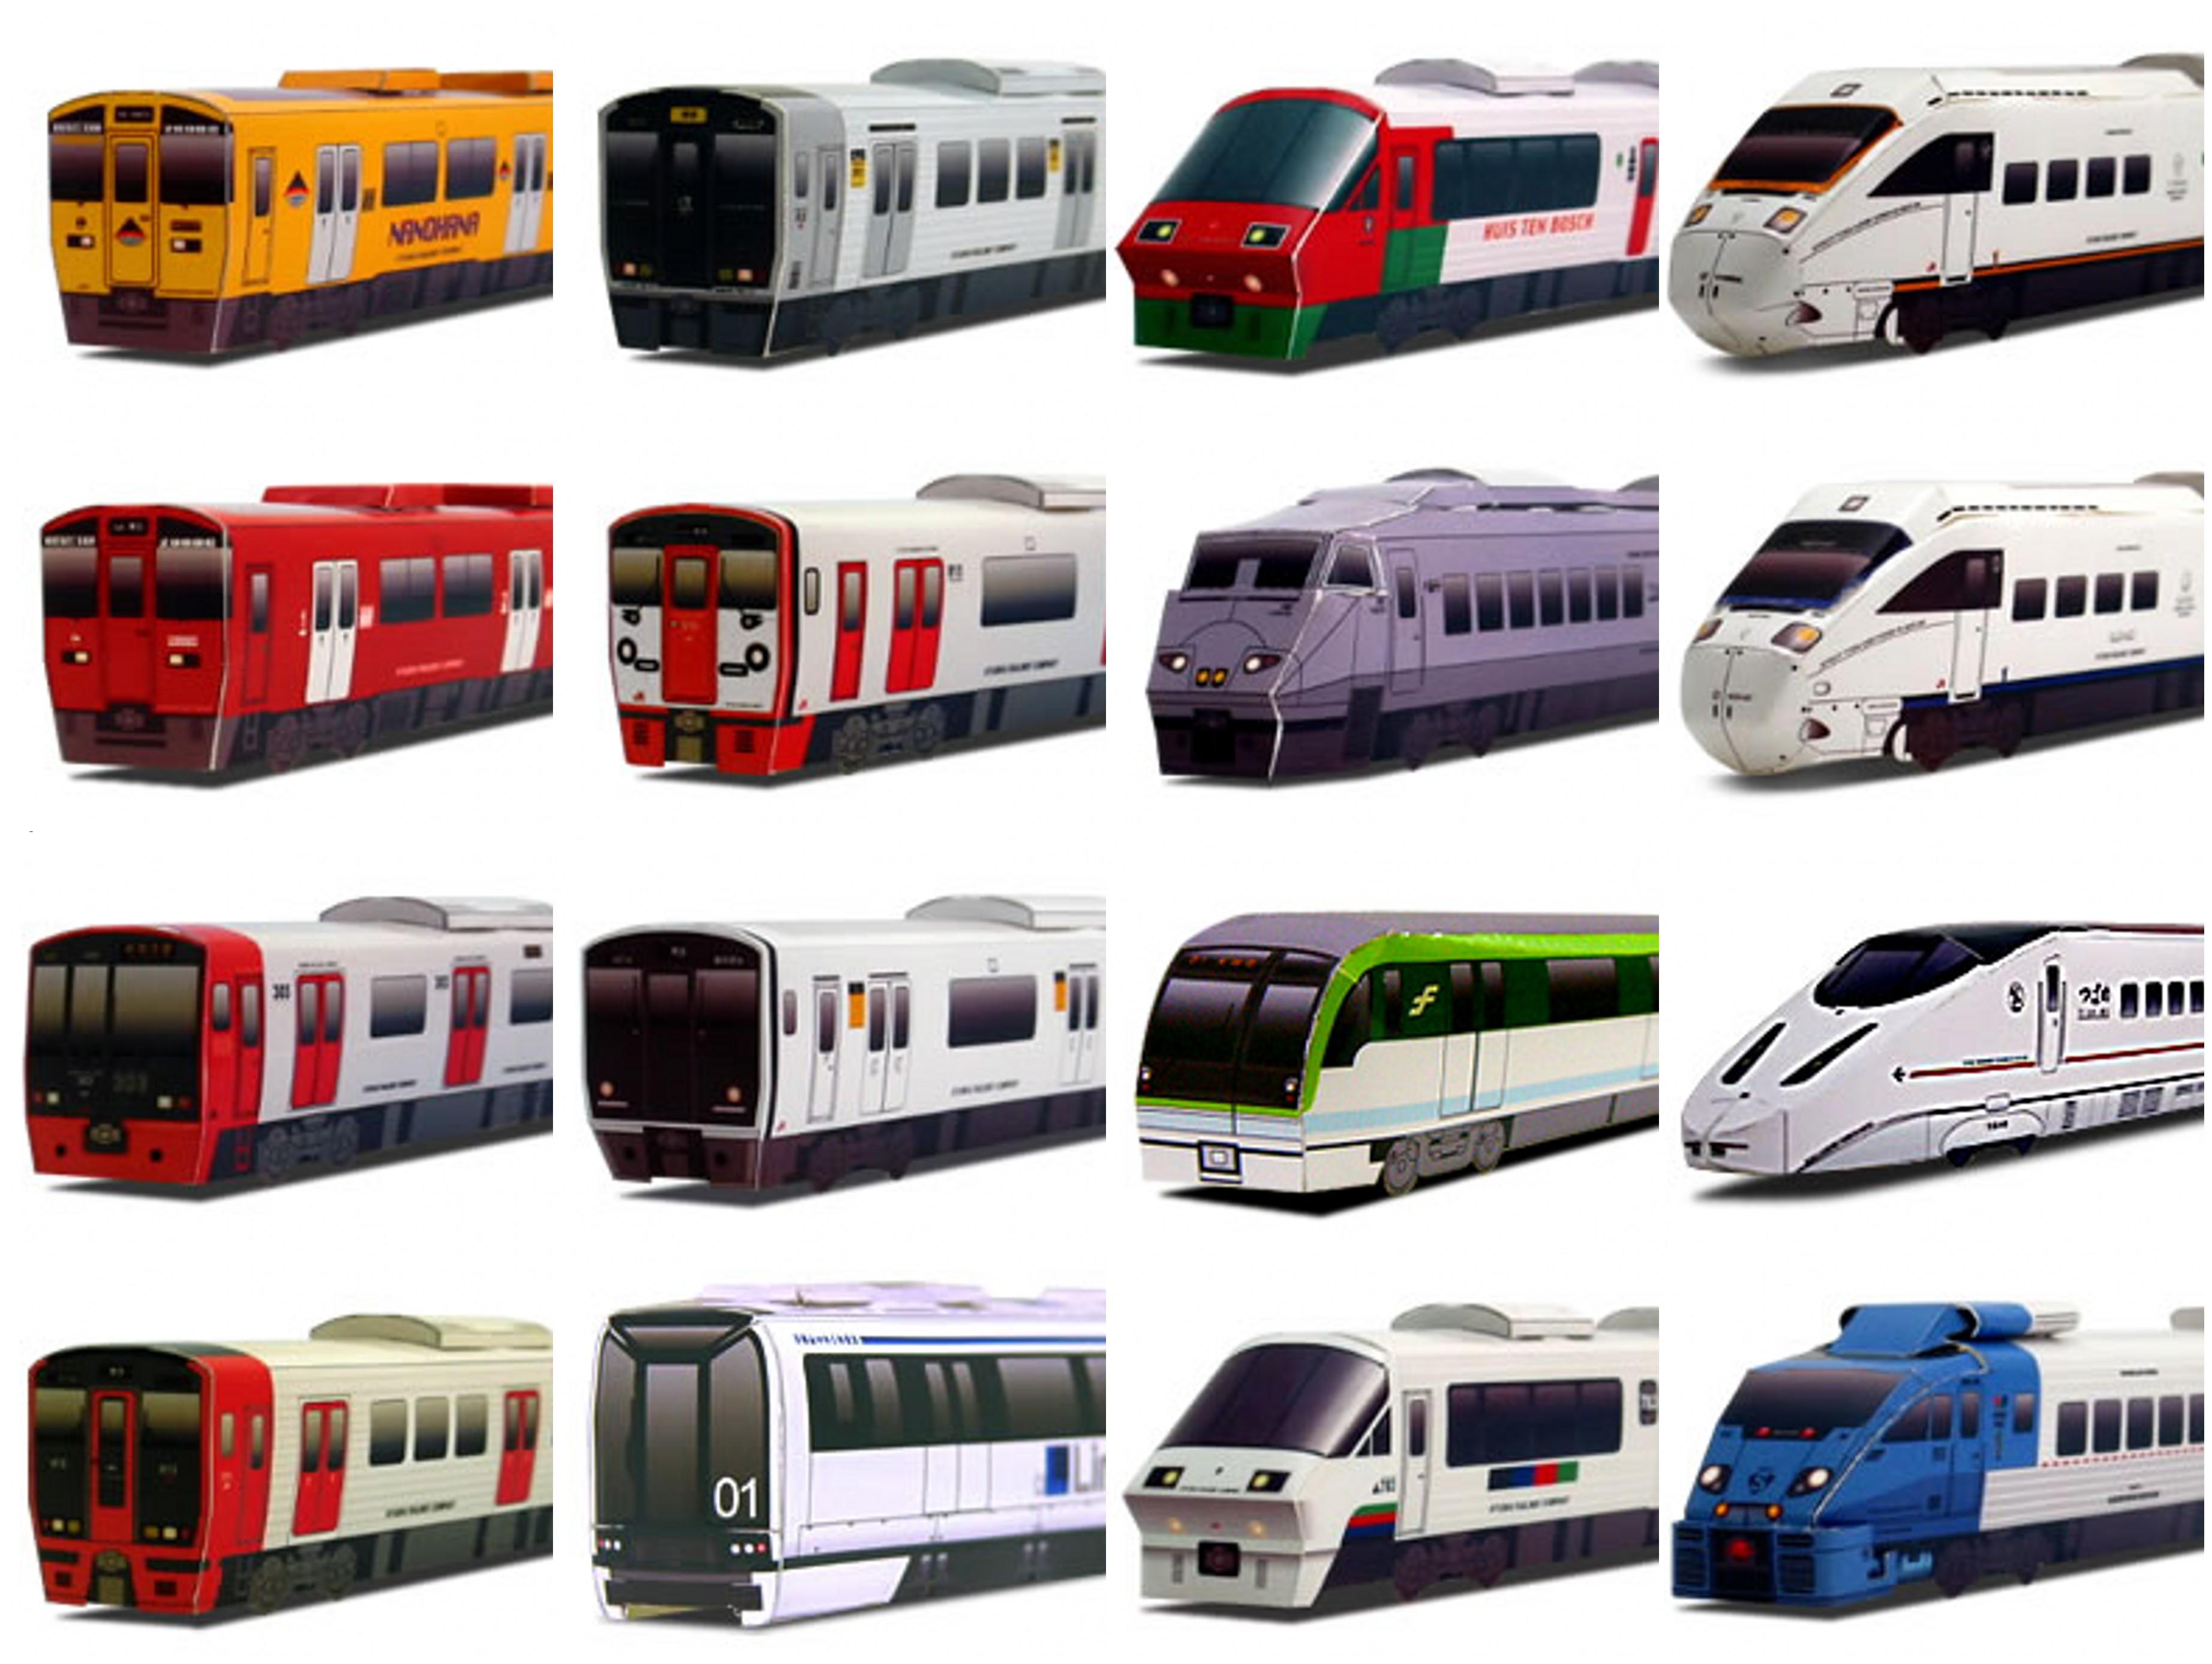 简易小火车纸模型 高铁动车新干线火车 快速列车 交通